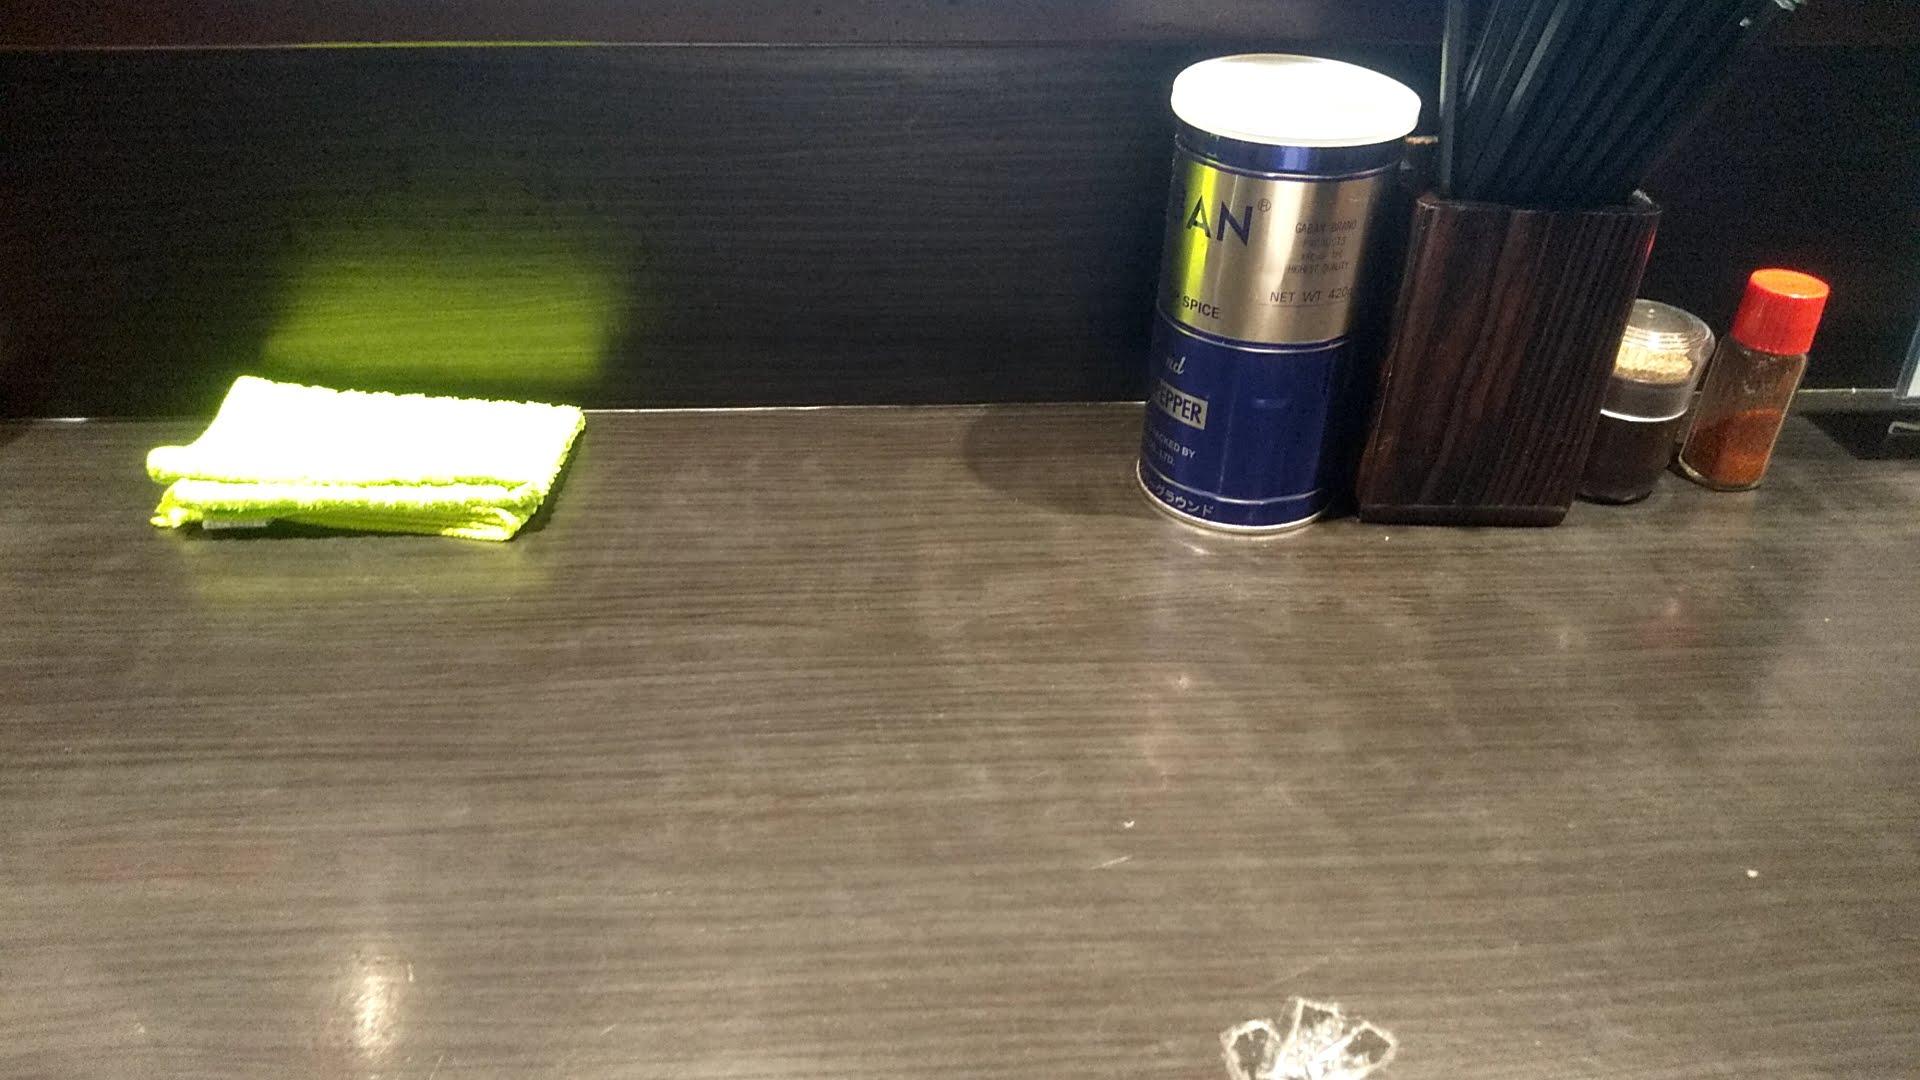 伊藤銀座店の卓上の写真